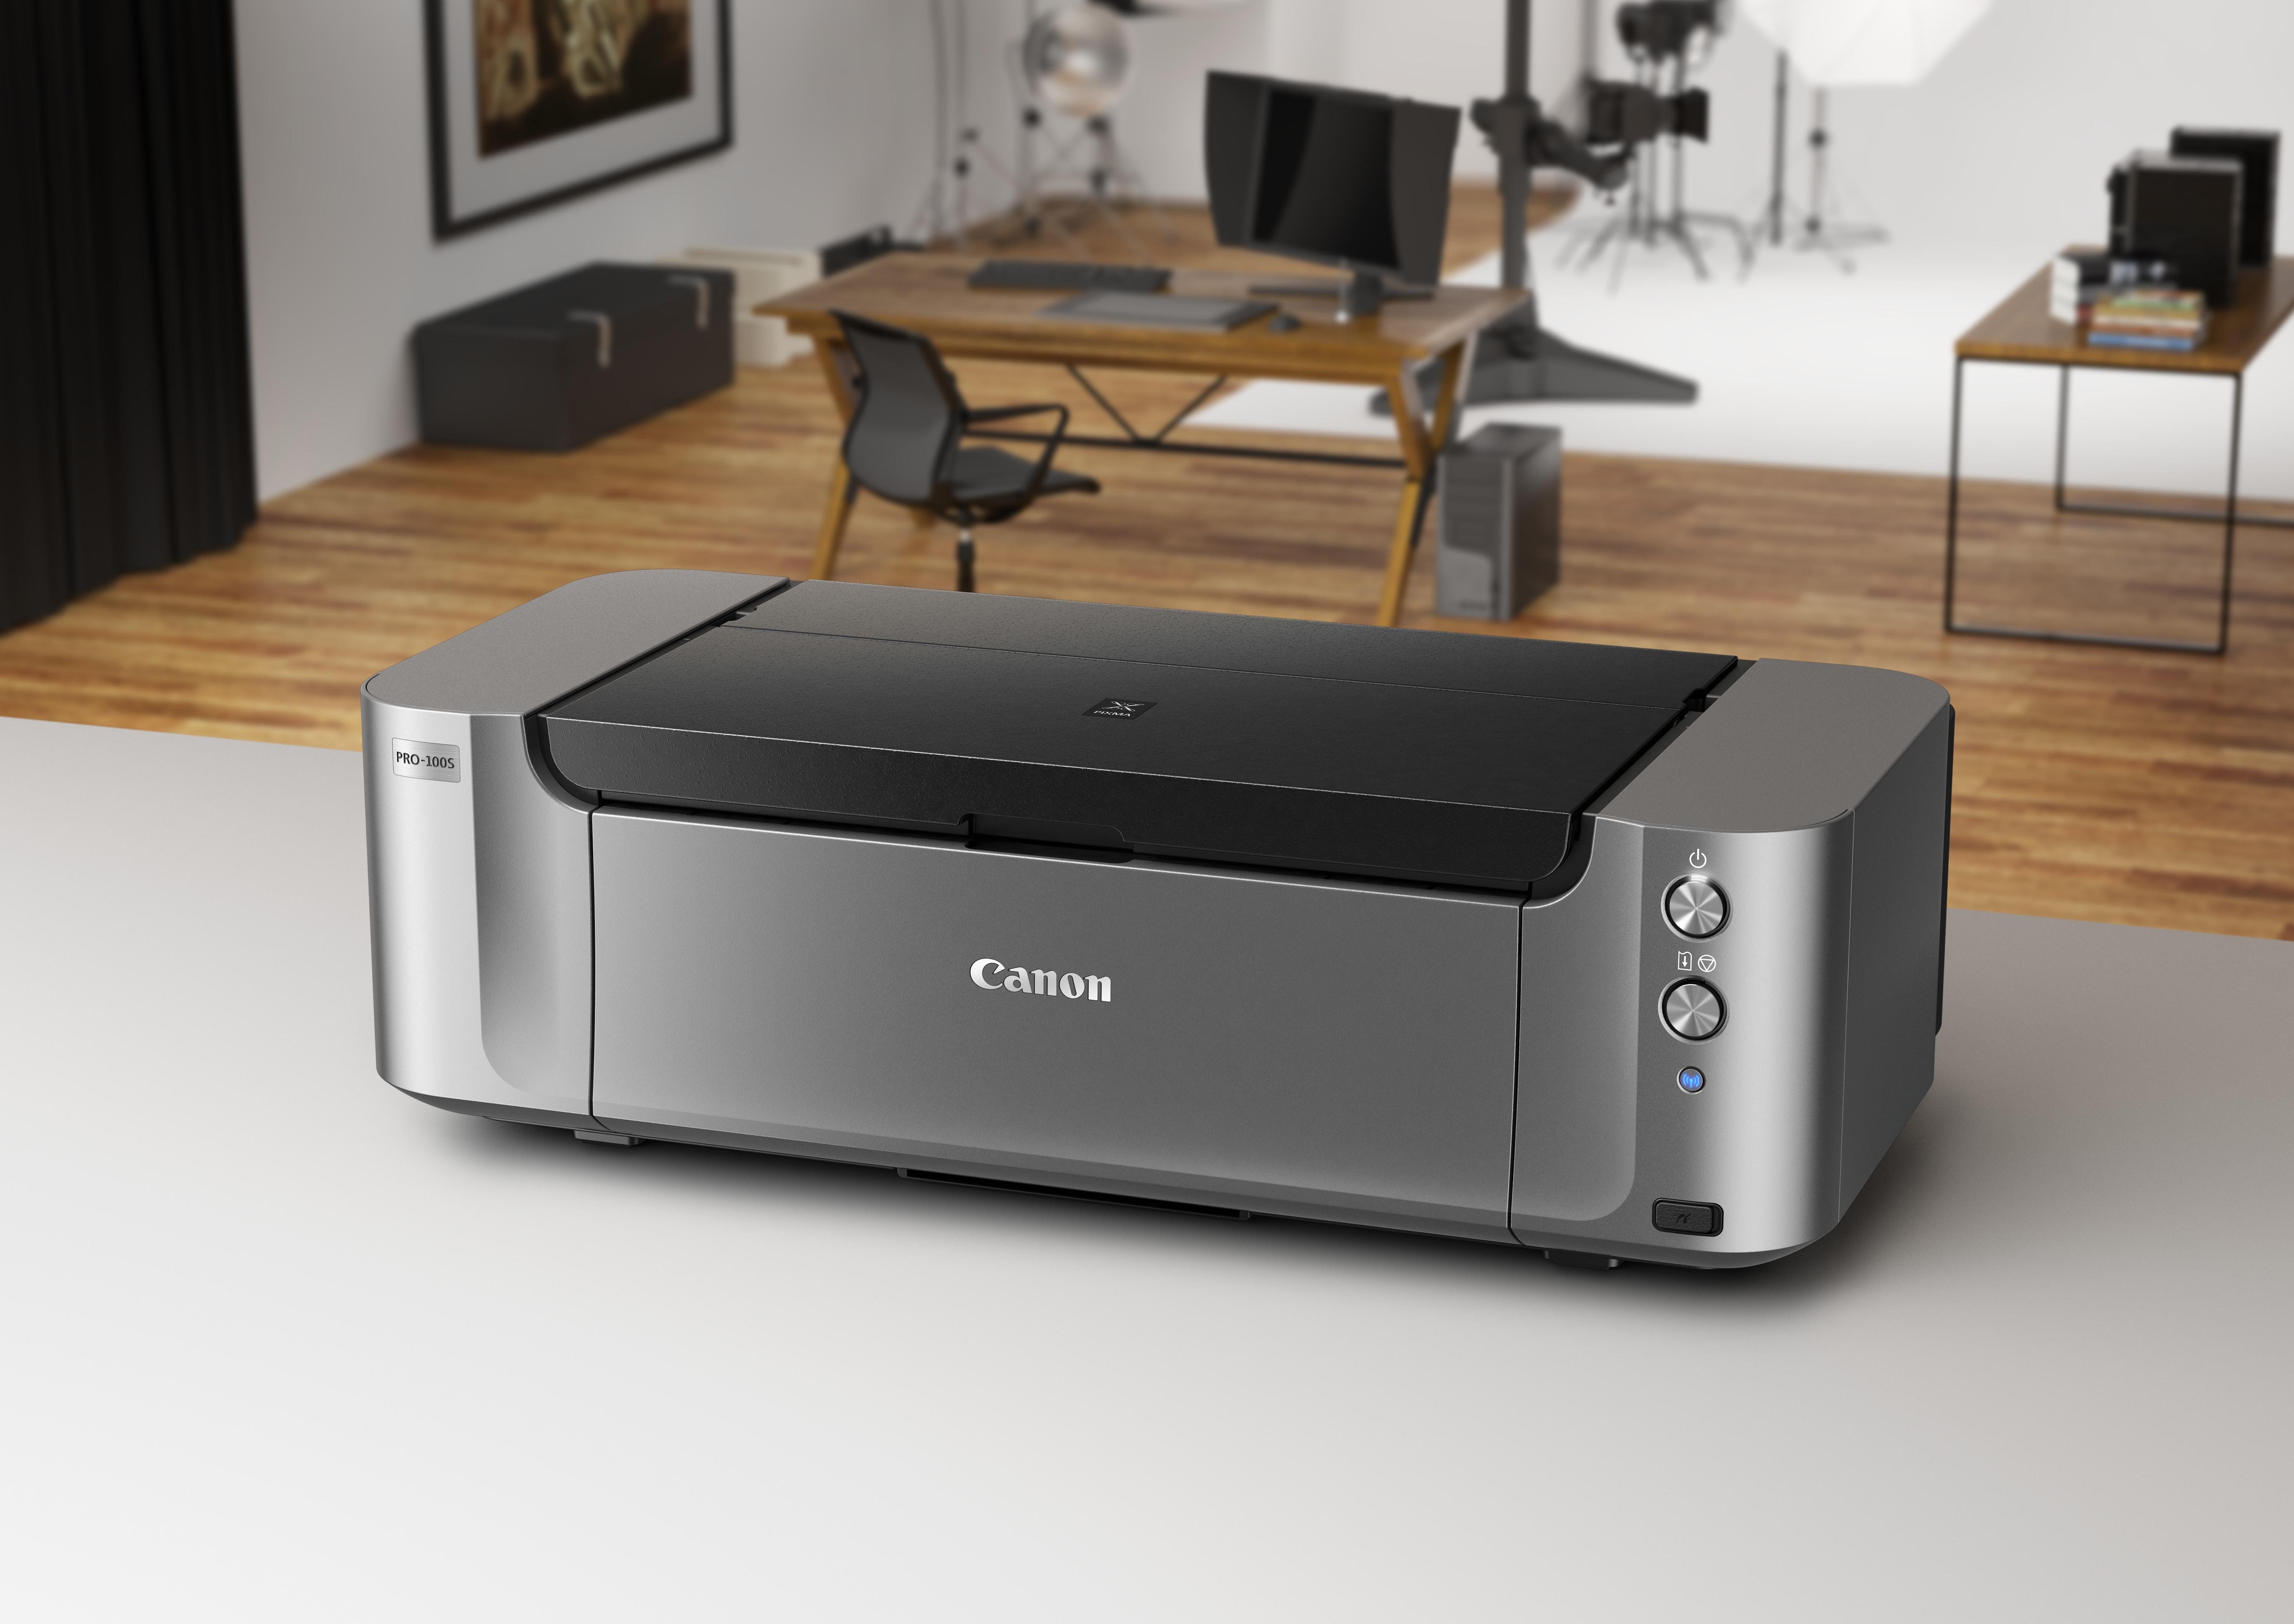 Vorschau: Canon PIXMA PRO-100S Tintenstrahl 4800 x 2400DPI WLAN Fotodrucker